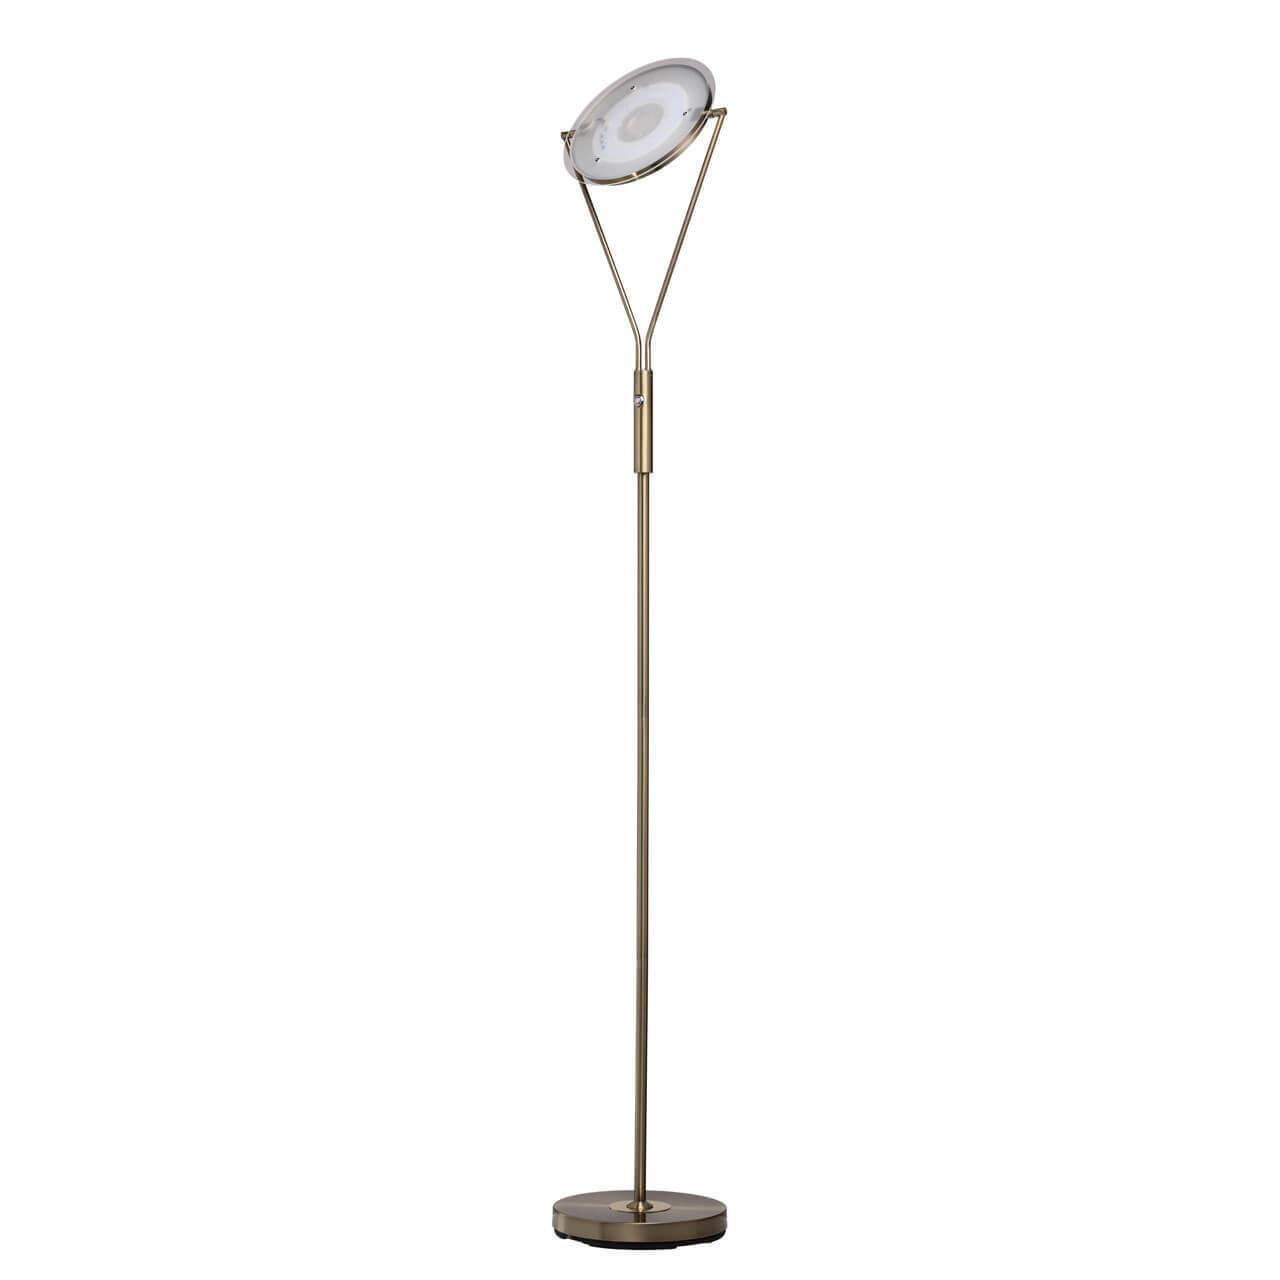 Напольный светильник De Markt 300043501, LED, 24 Вт